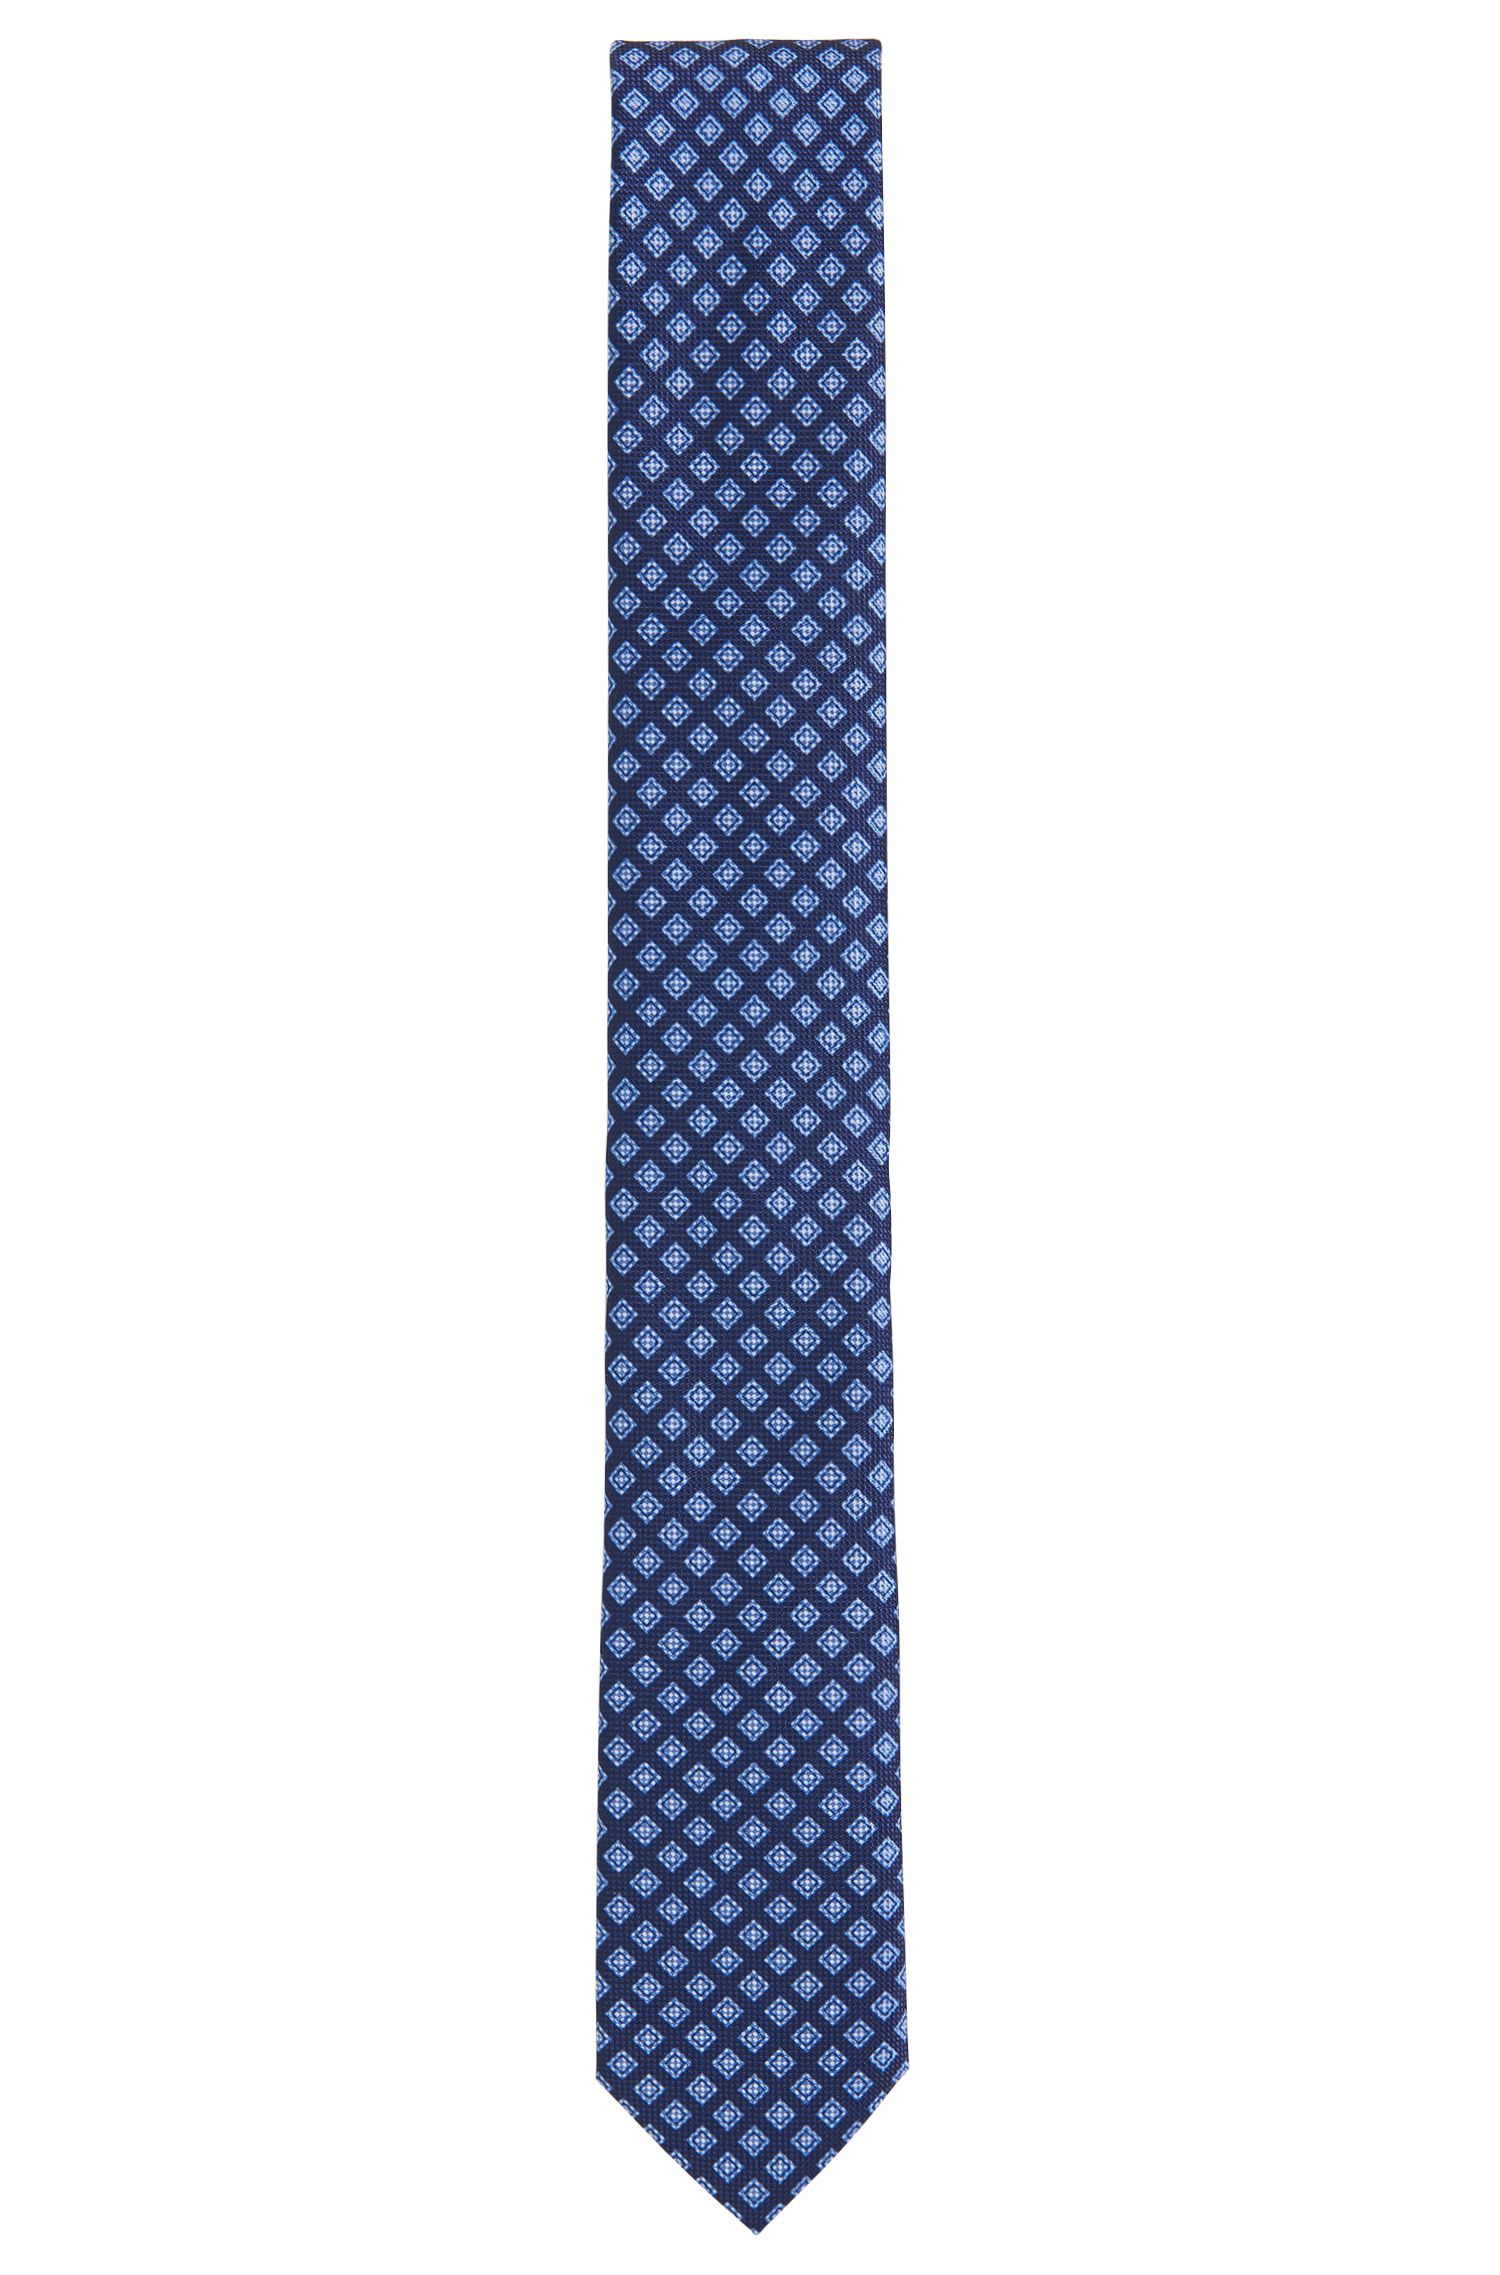 Patterned Italian Silk Slim Tie, Blue